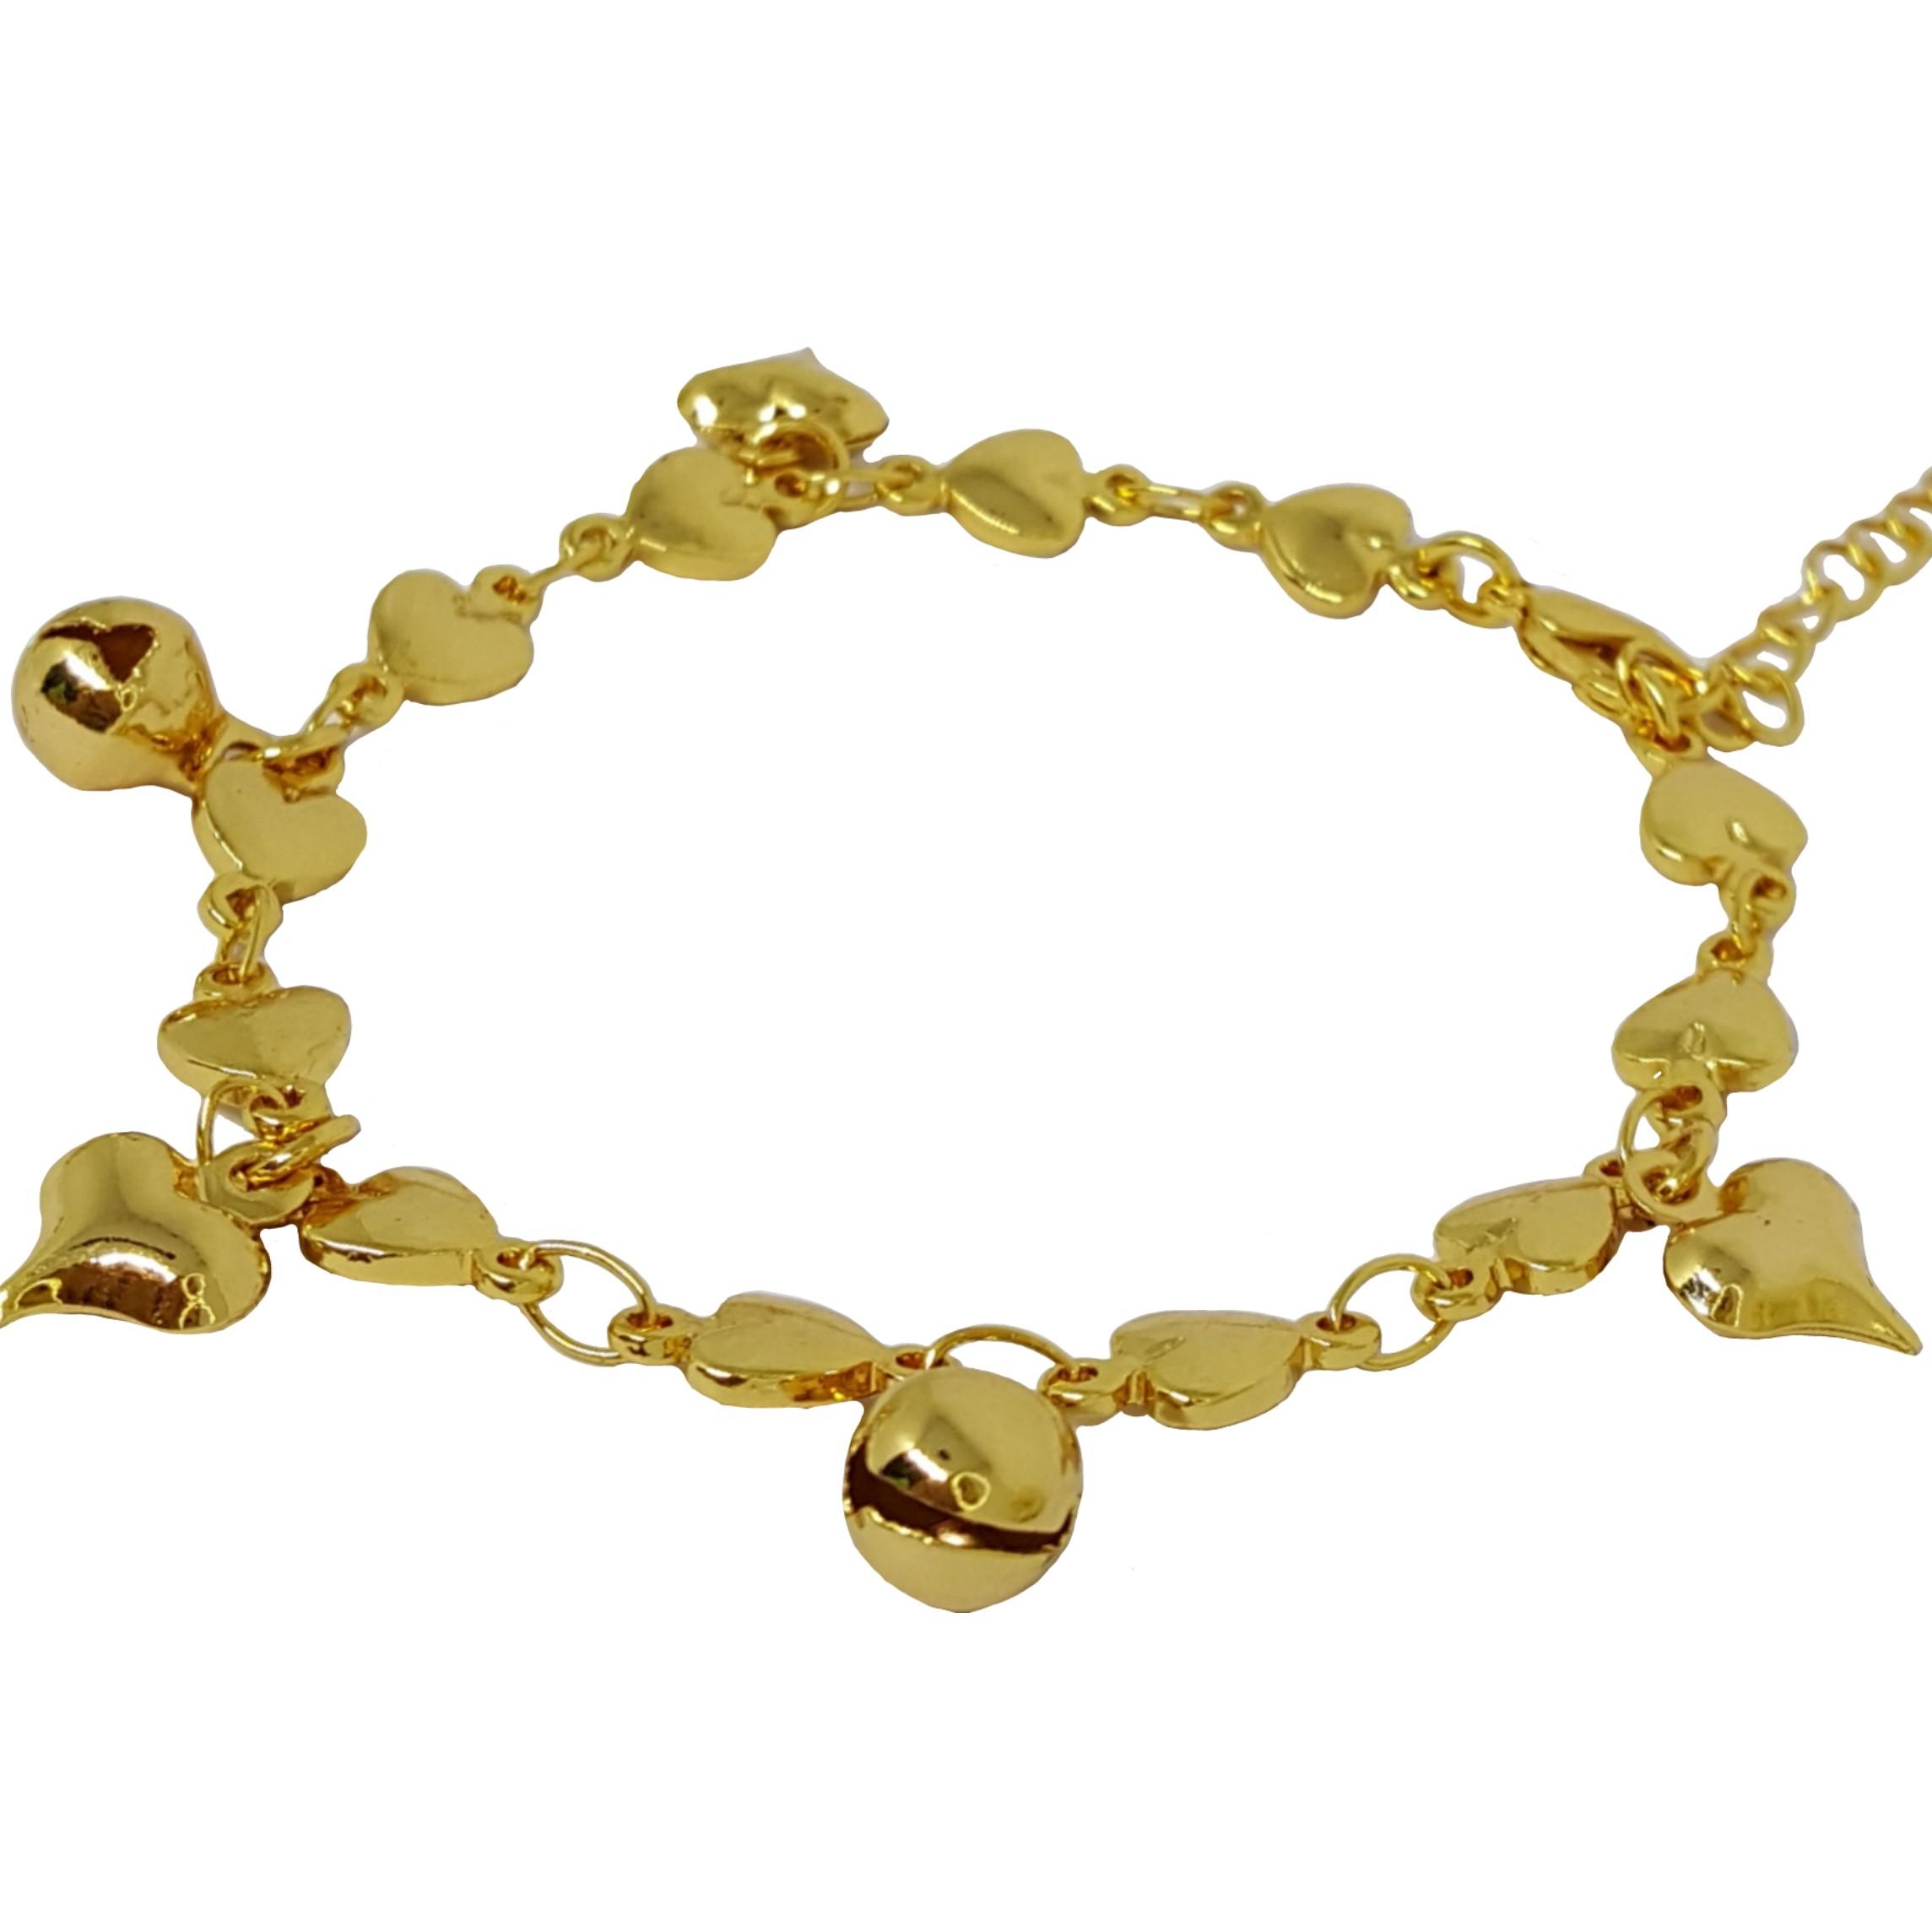 PGX NEW M001 Gelang Kaki Anak Bayi Kerincing Perhiasan Imitasi Xuping Lapis Emas